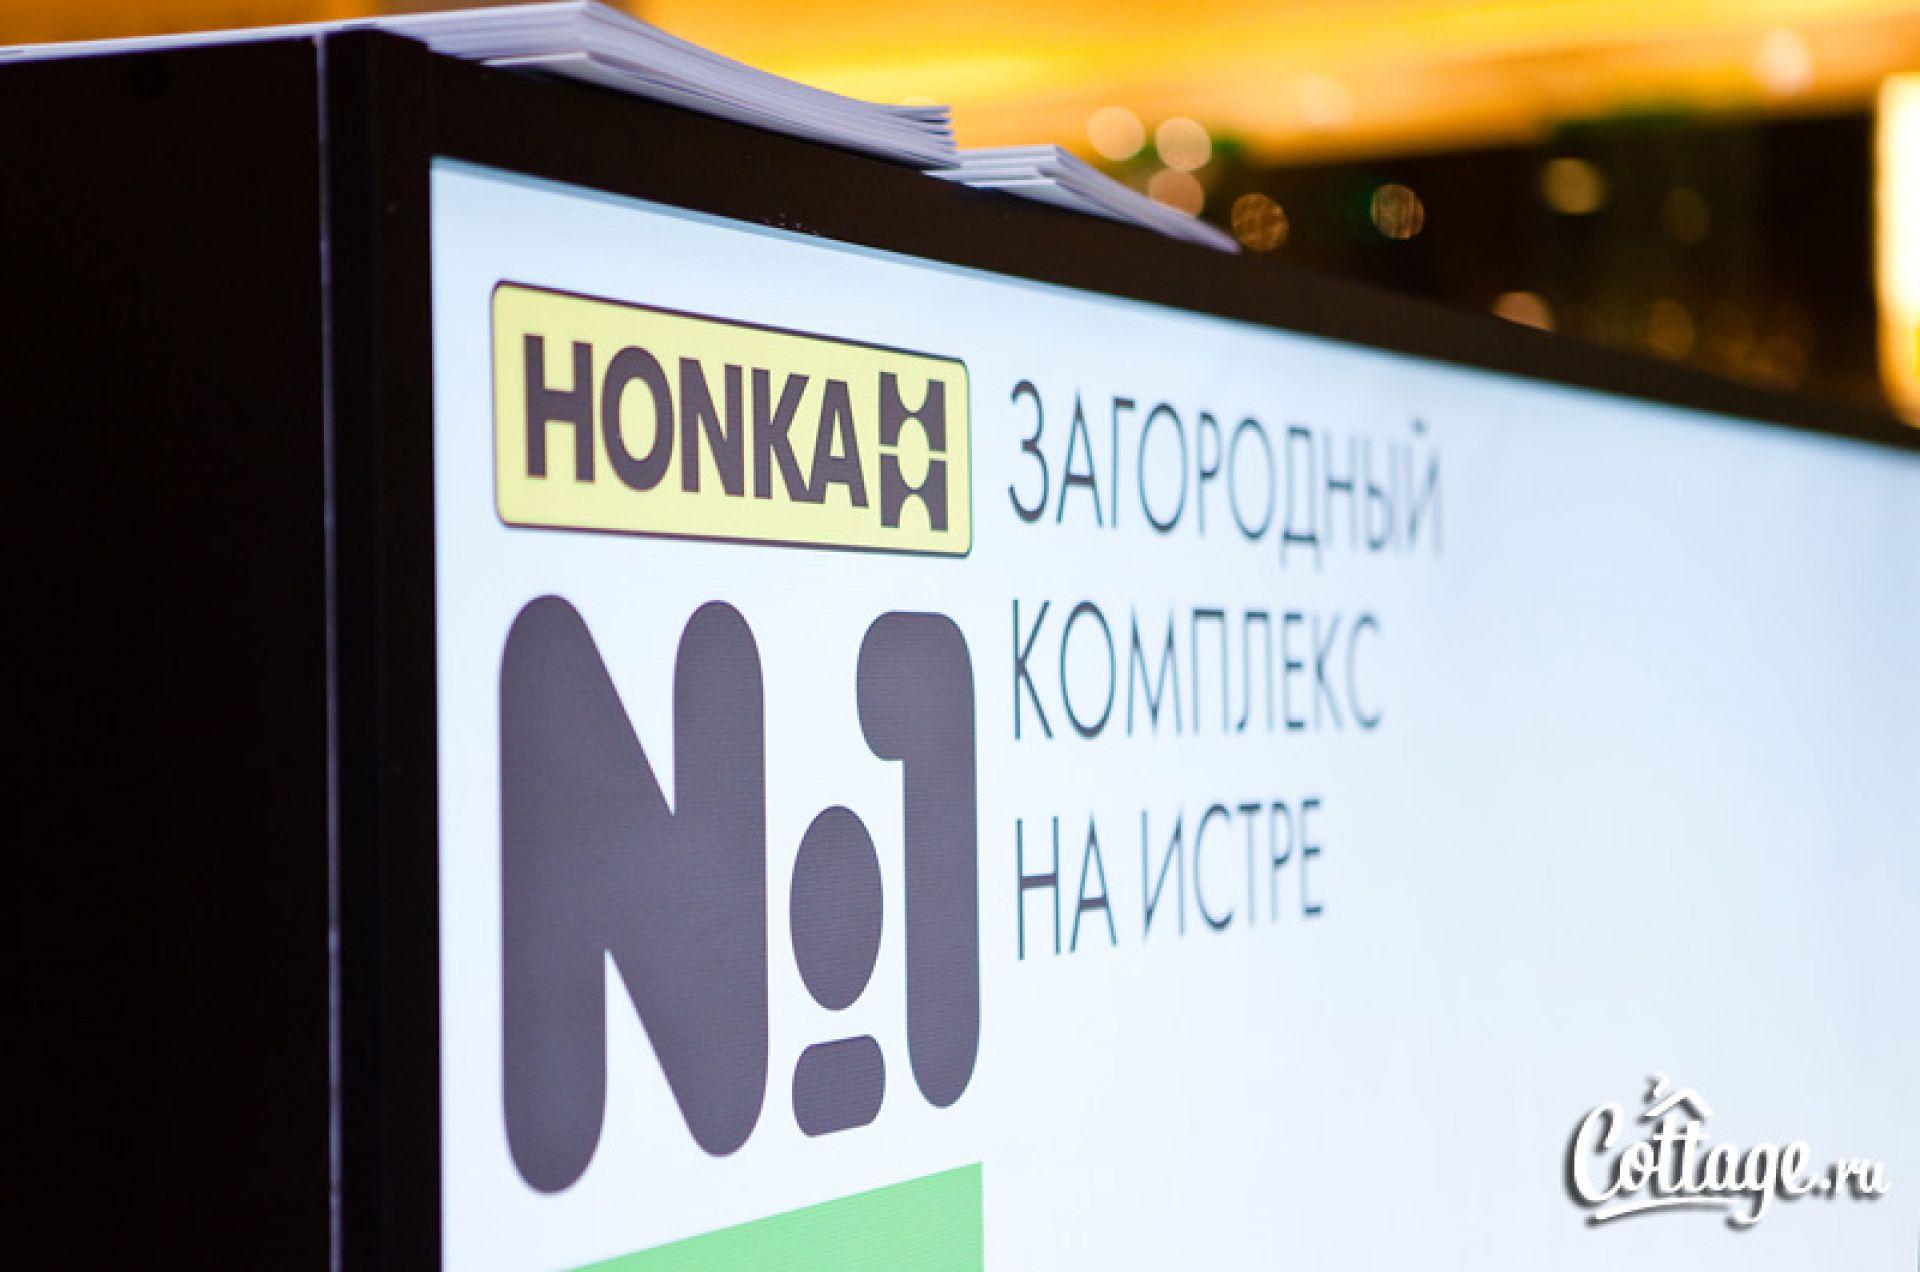 Загородный комплекс на Истре HONKA №1 будет представлен в ТЦ «Времена года» с 10 по 20 ноября 2011